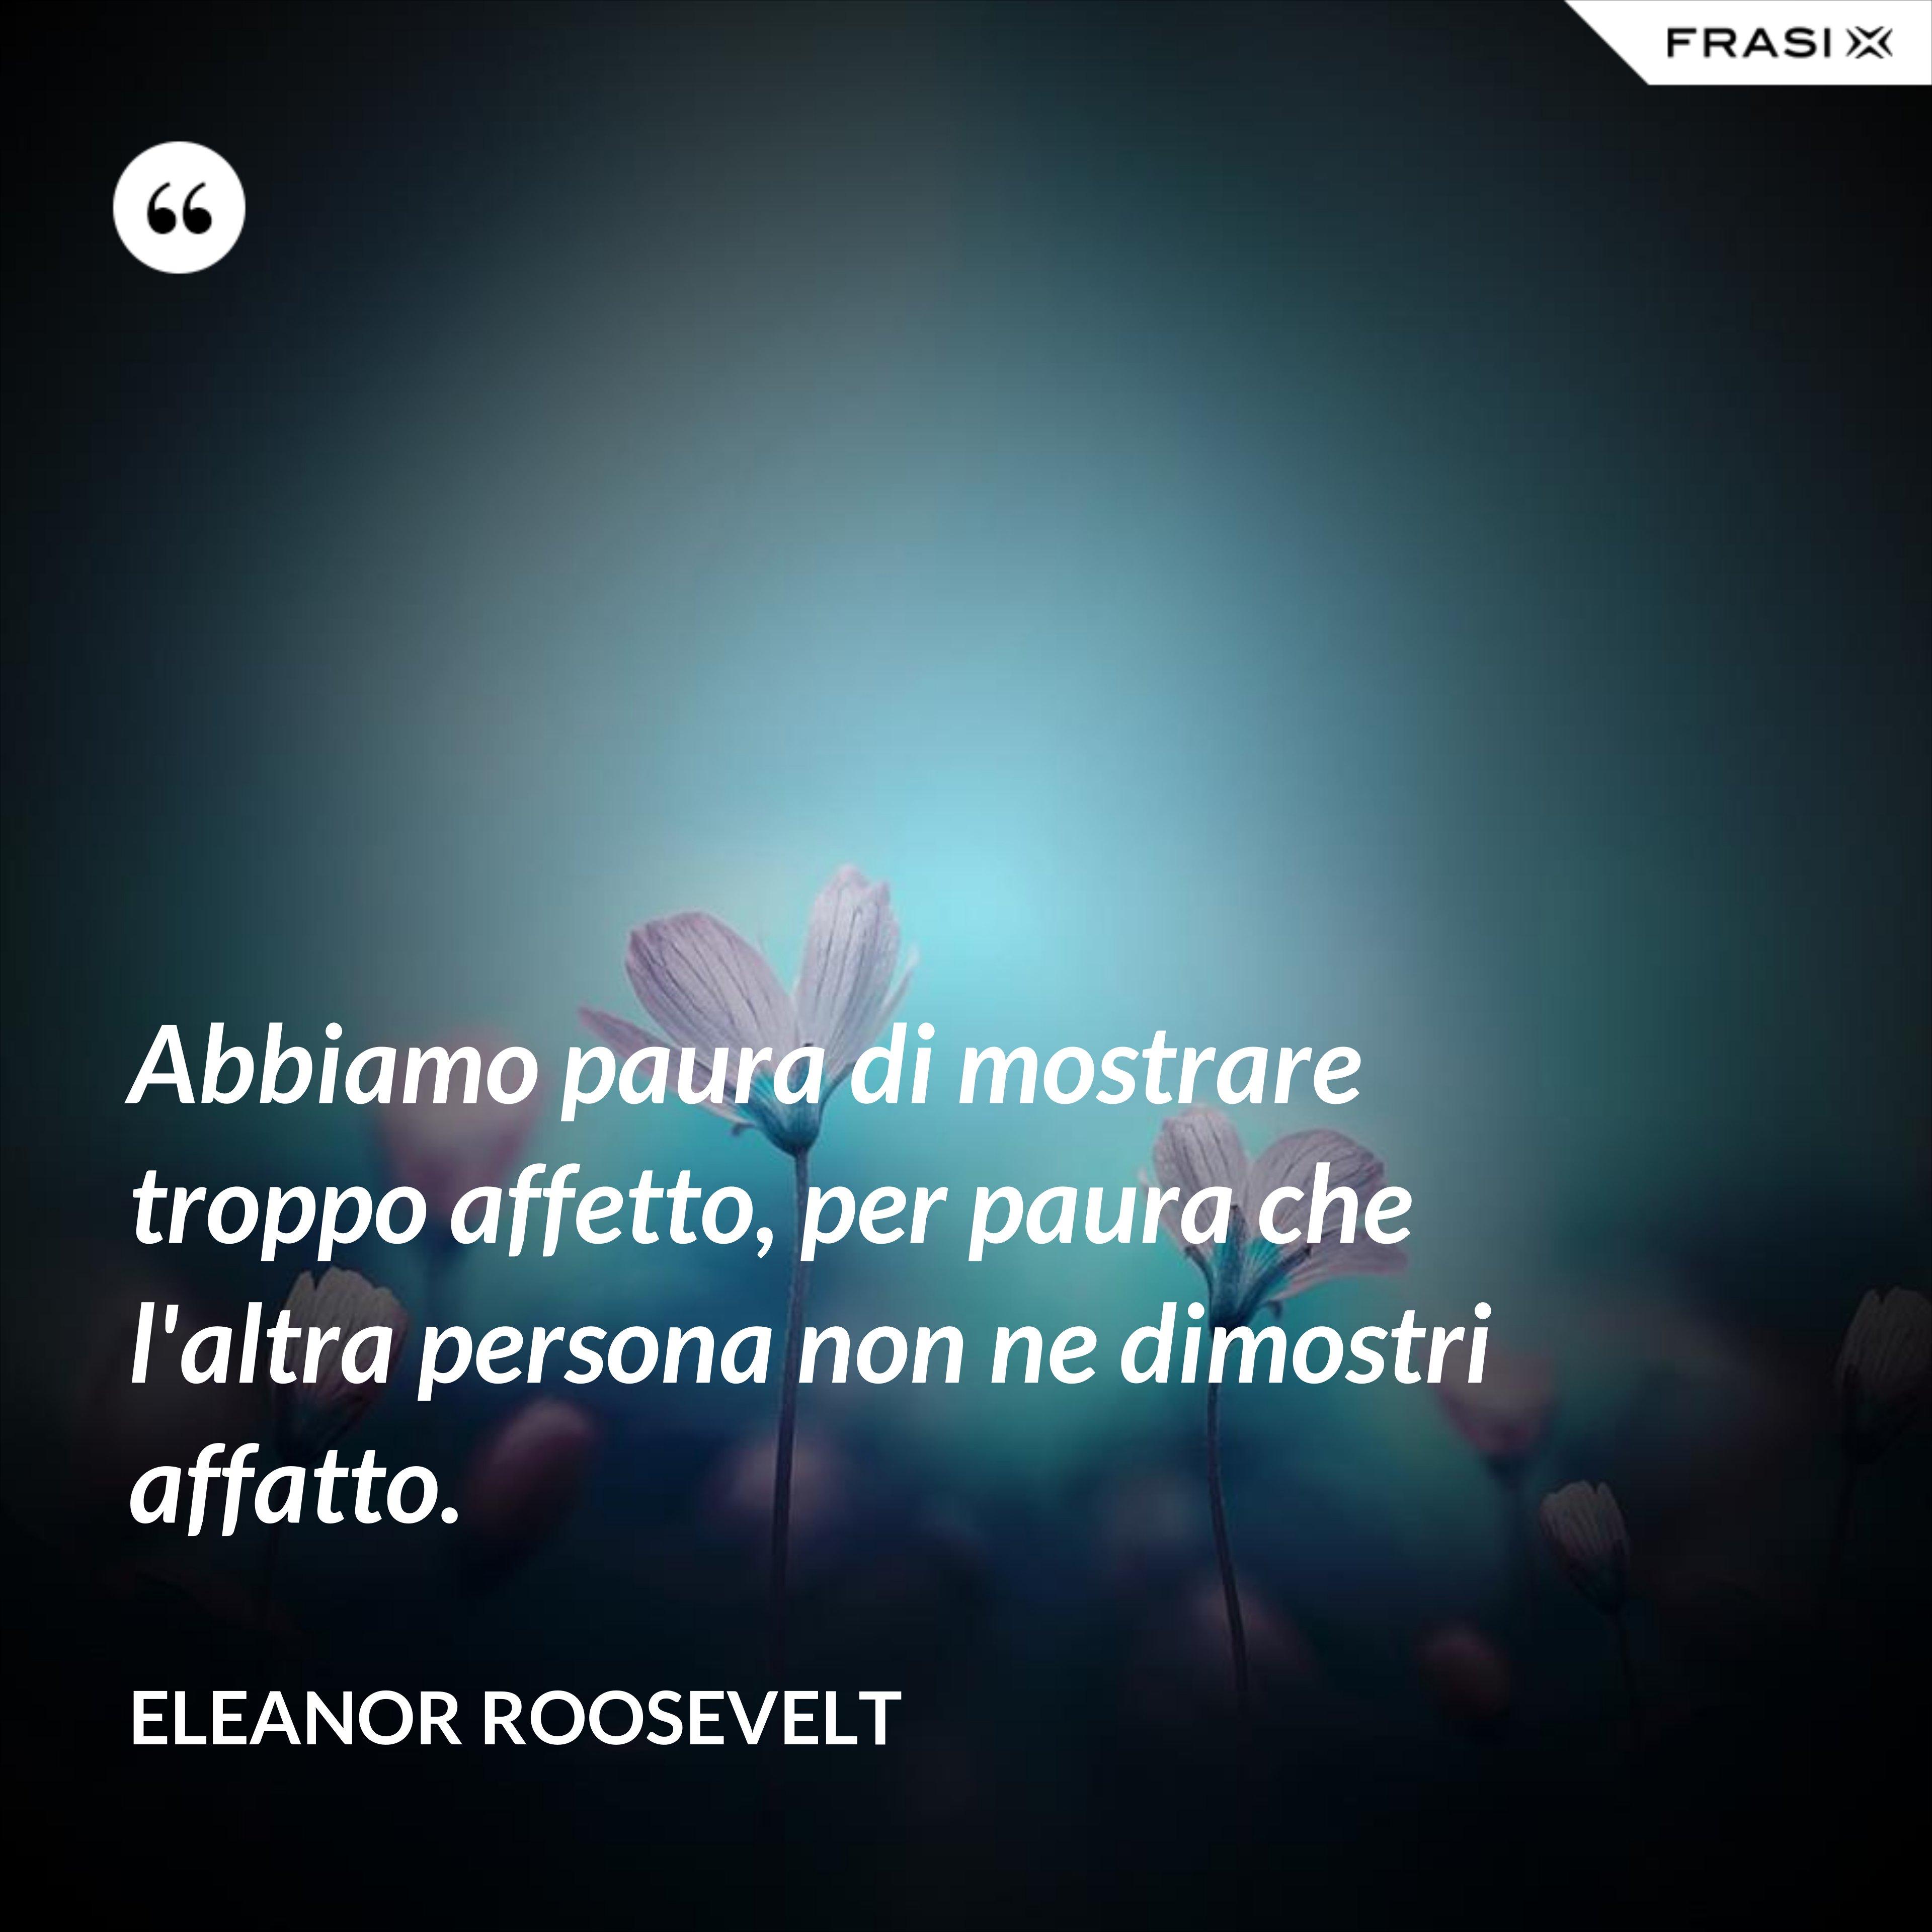 Abbiamo paura di mostrare troppo affetto, per paura che l'altra persona non ne dimostri affatto. - Eleanor Roosevelt